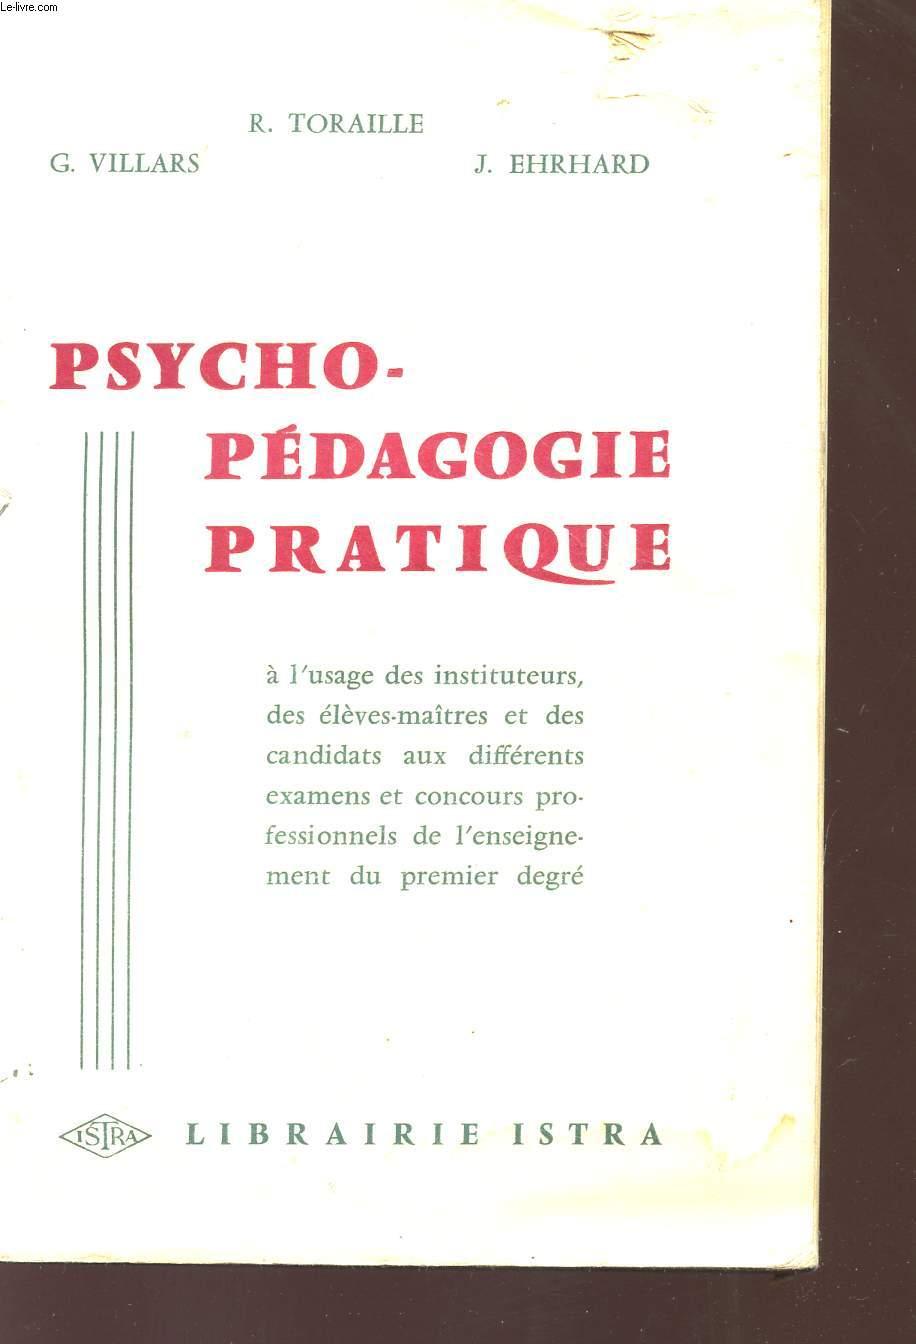 PSYCHO-PEDAGOGIE PRATIQUE - A L'USAGE DES INSTITUTEURS, DES ELEVES-MAITRES ET DES CANDIDATS ET CONCOURS PROFESSIONNELS DE L'ENSEIGNEMENT DU PREMIER DEGRE.